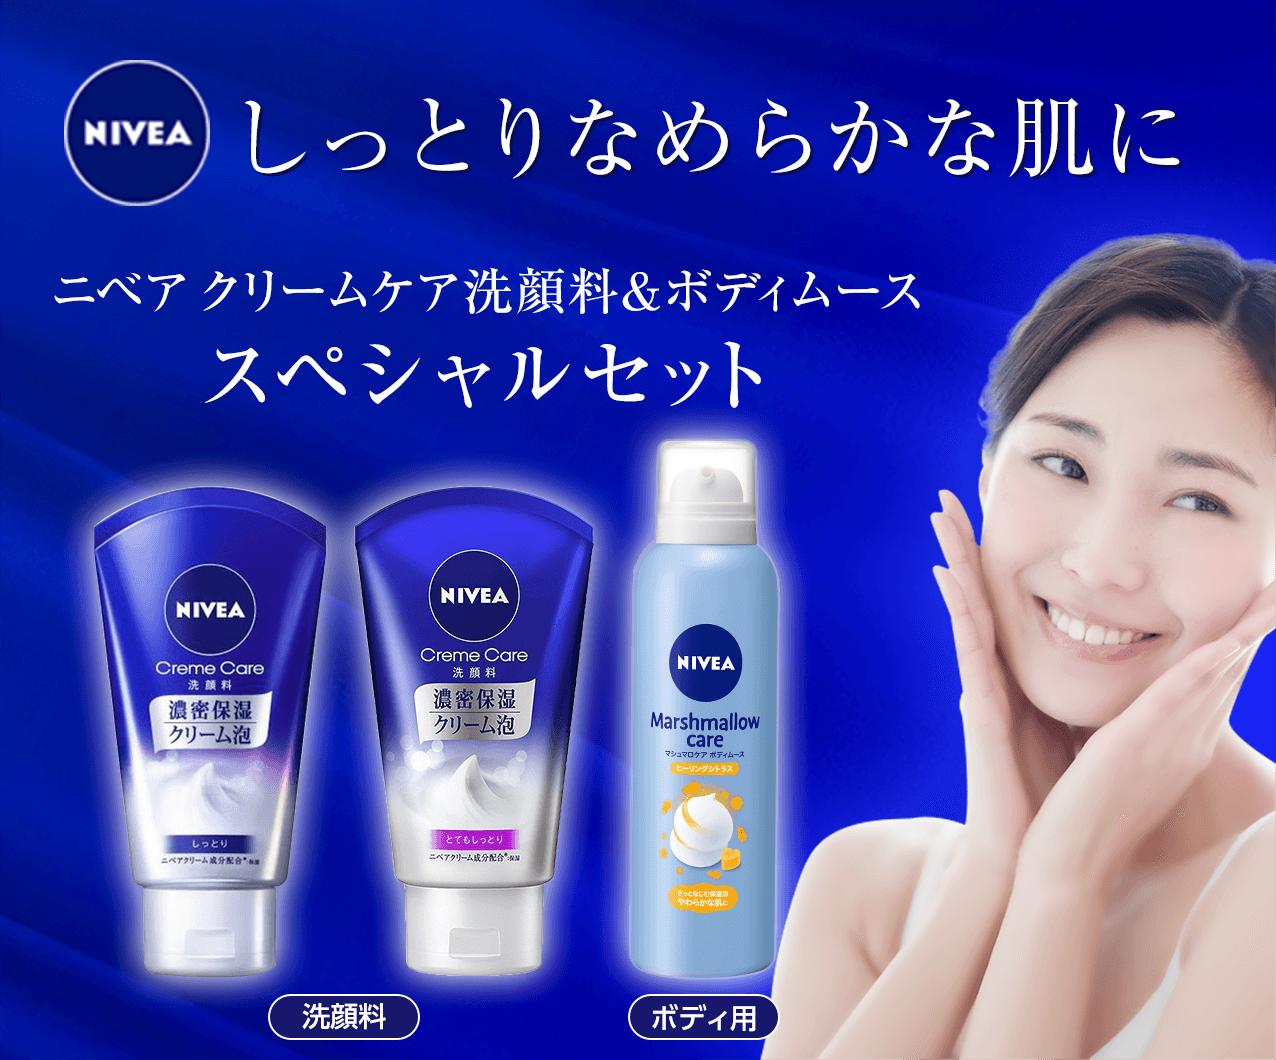 しっとりなめらかな肌に NIVEA ニベア クリームケア洗顔料&ボディケアスペシャルセット